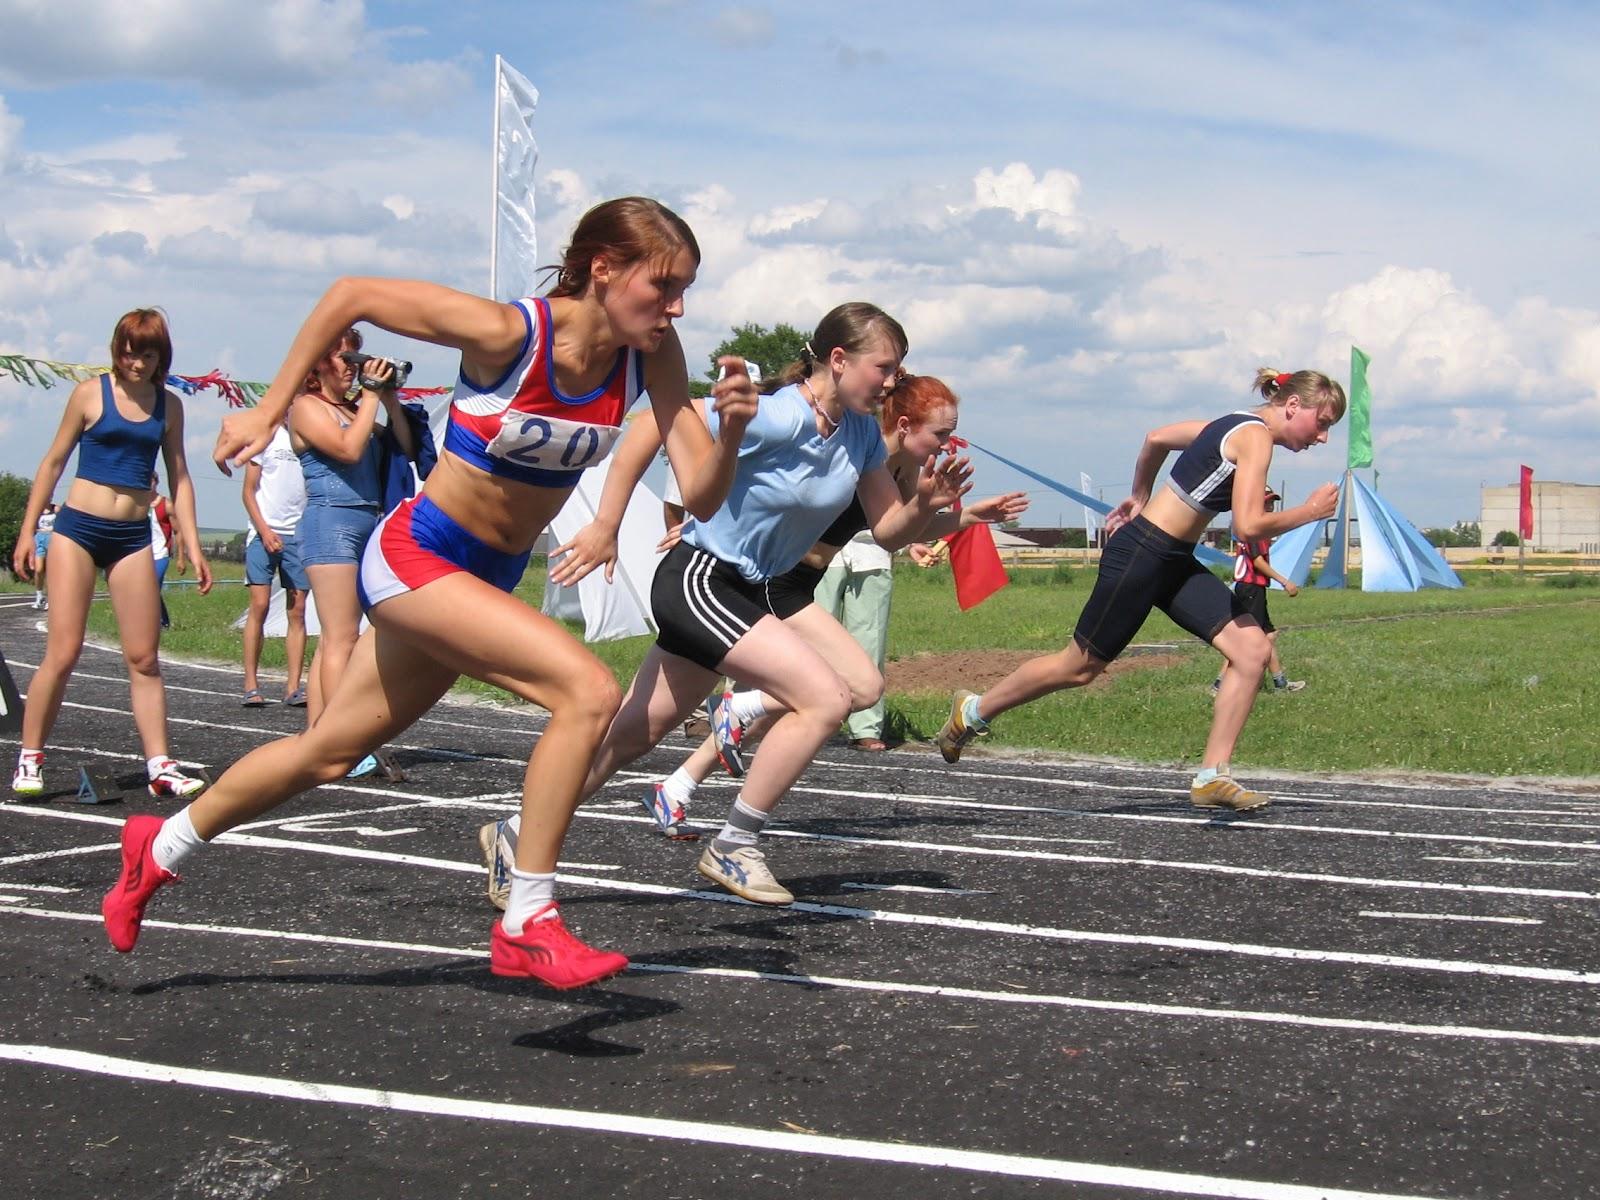 Аренда транспорта для спортсменов